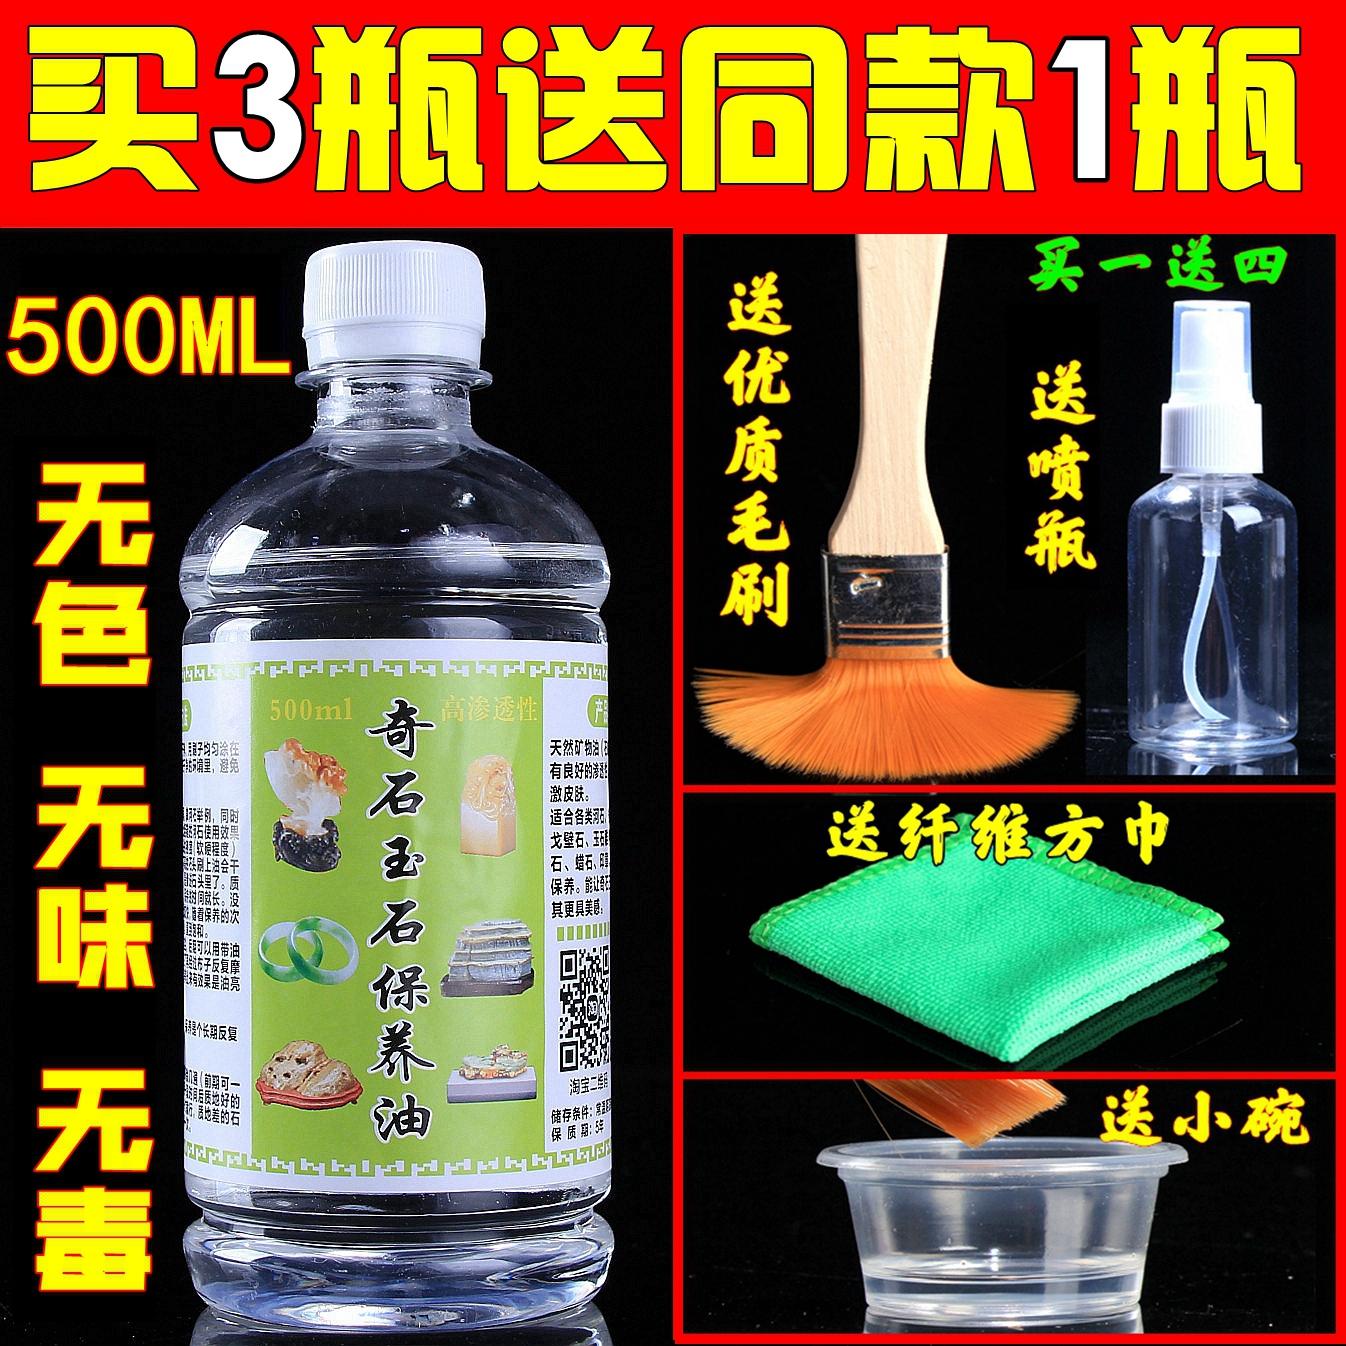 Спец. предложение бесплатная доставка по китаю Жидкое техническое масло Qishi для Камень для обслуживания каменного масла для каменного масла белый масло